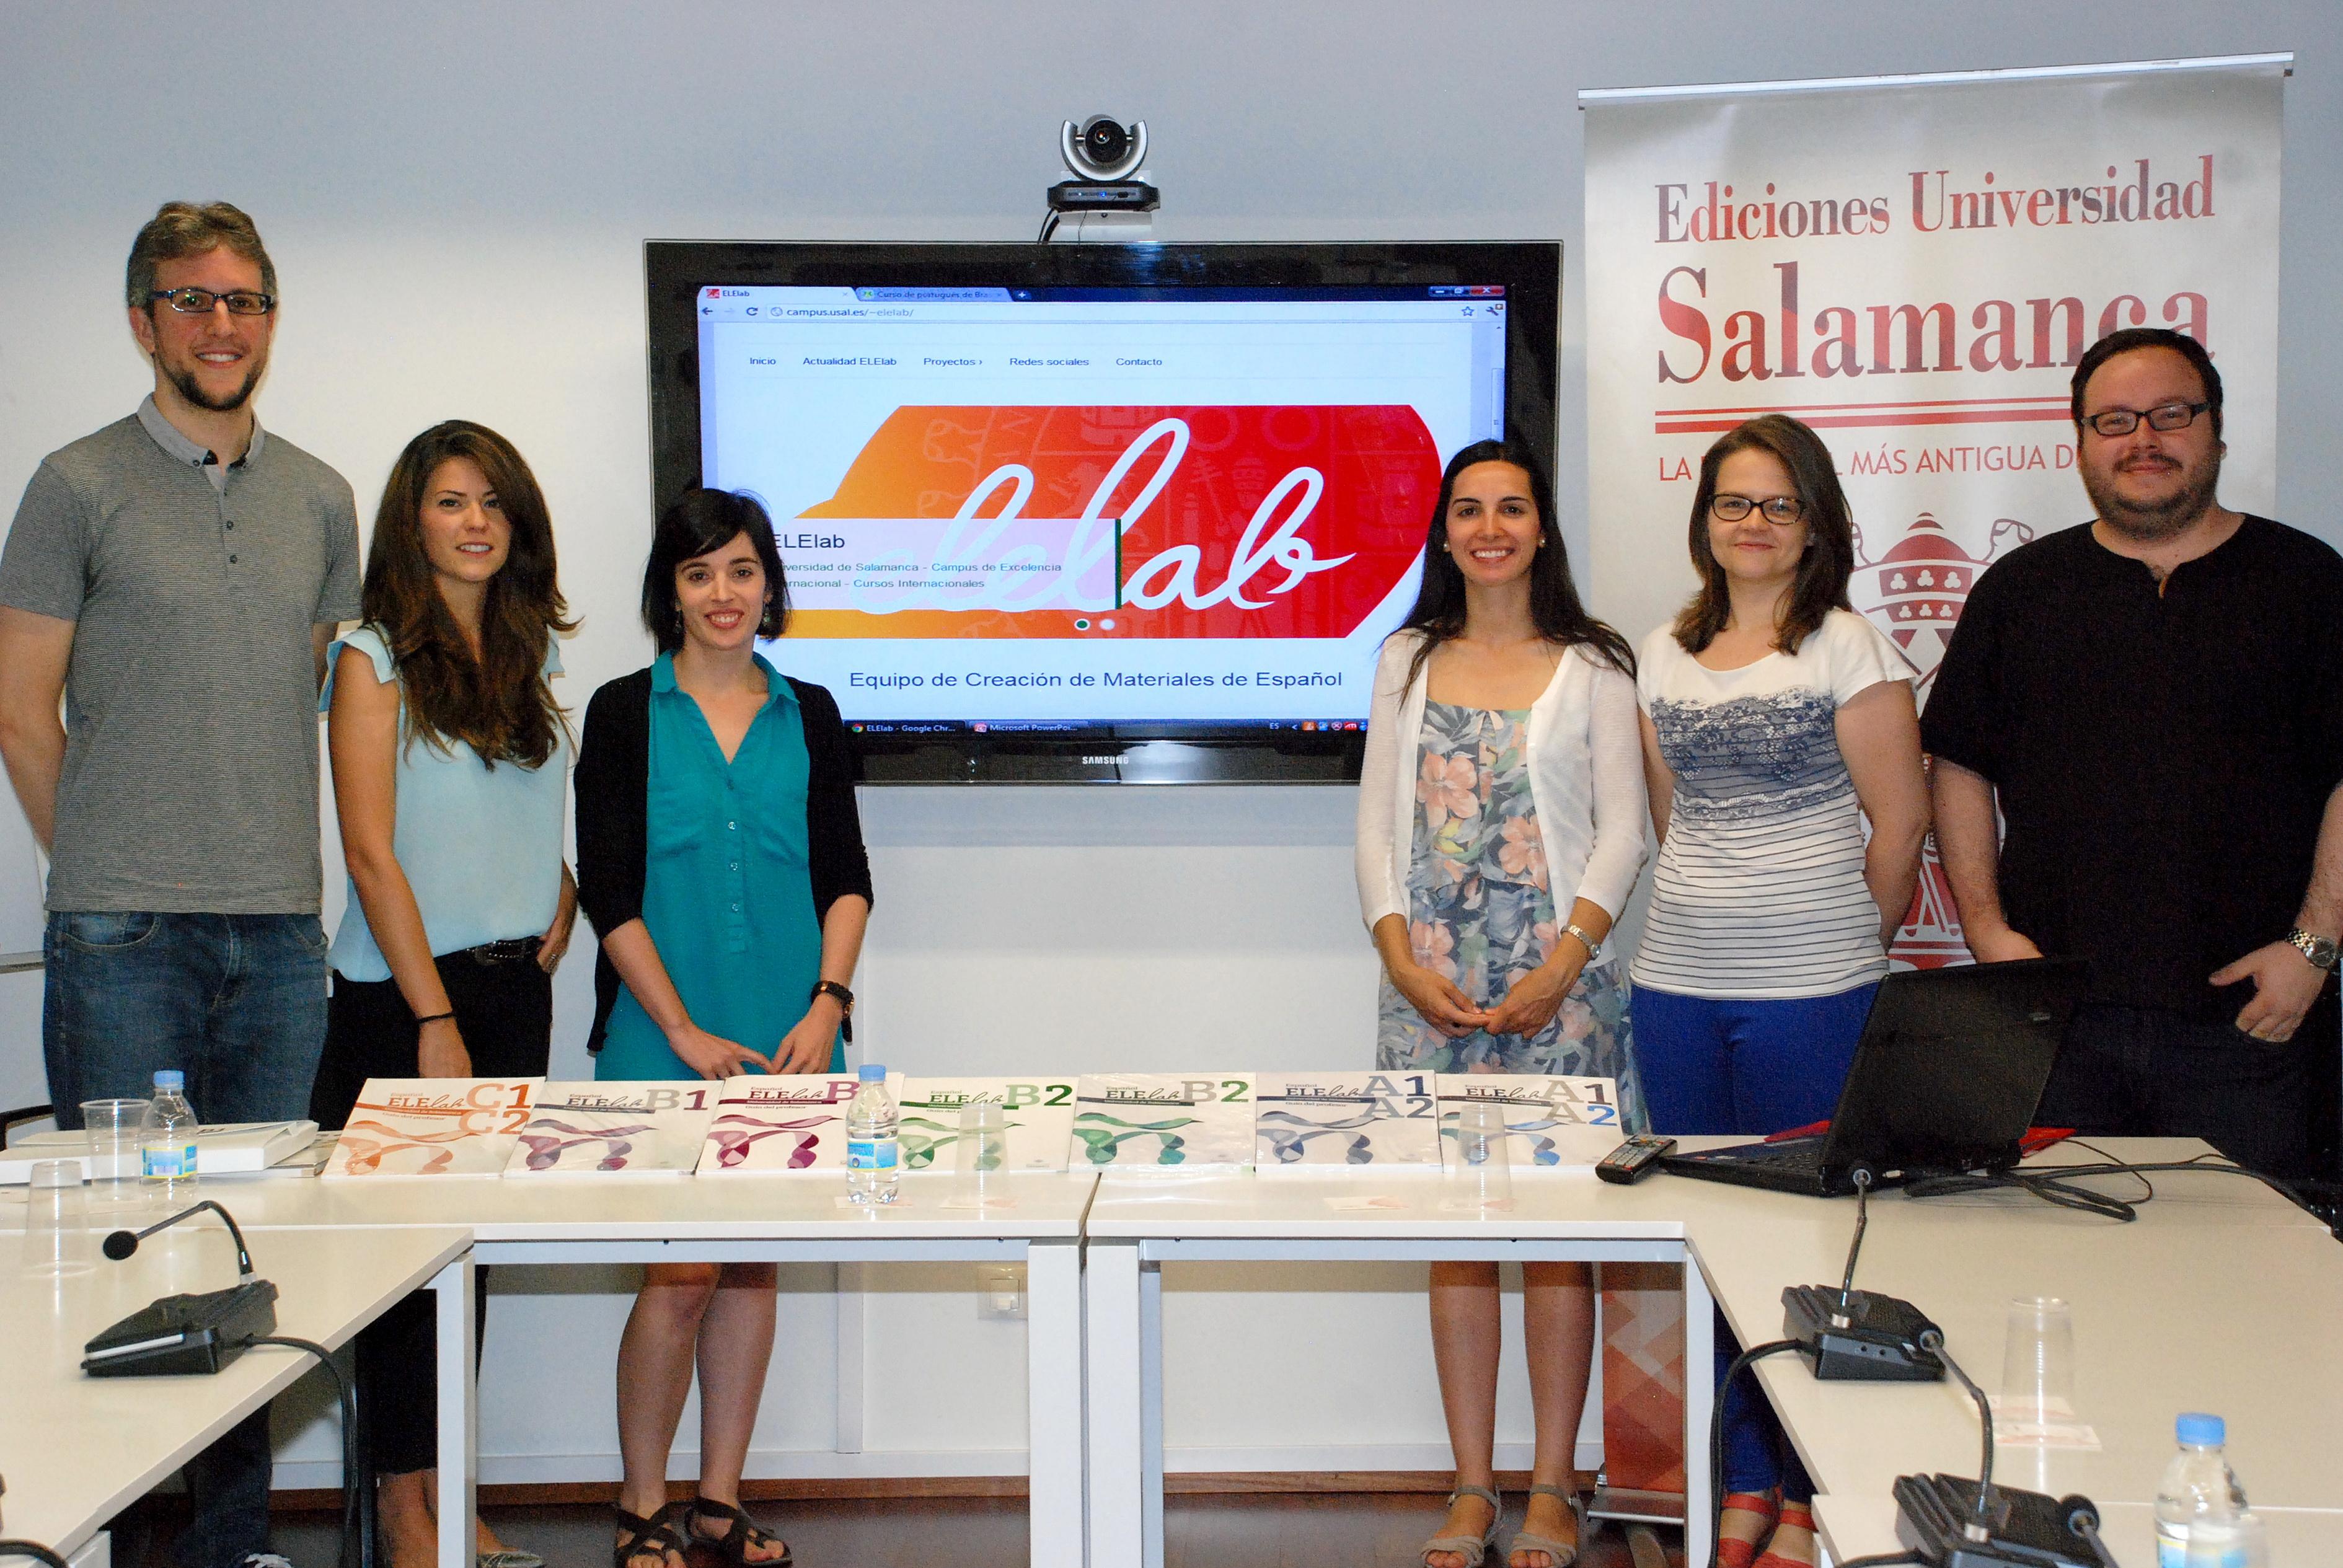 La Universidad de Salamanca presenta sus manuales para la enseñanza del español a profesores norteamericanos